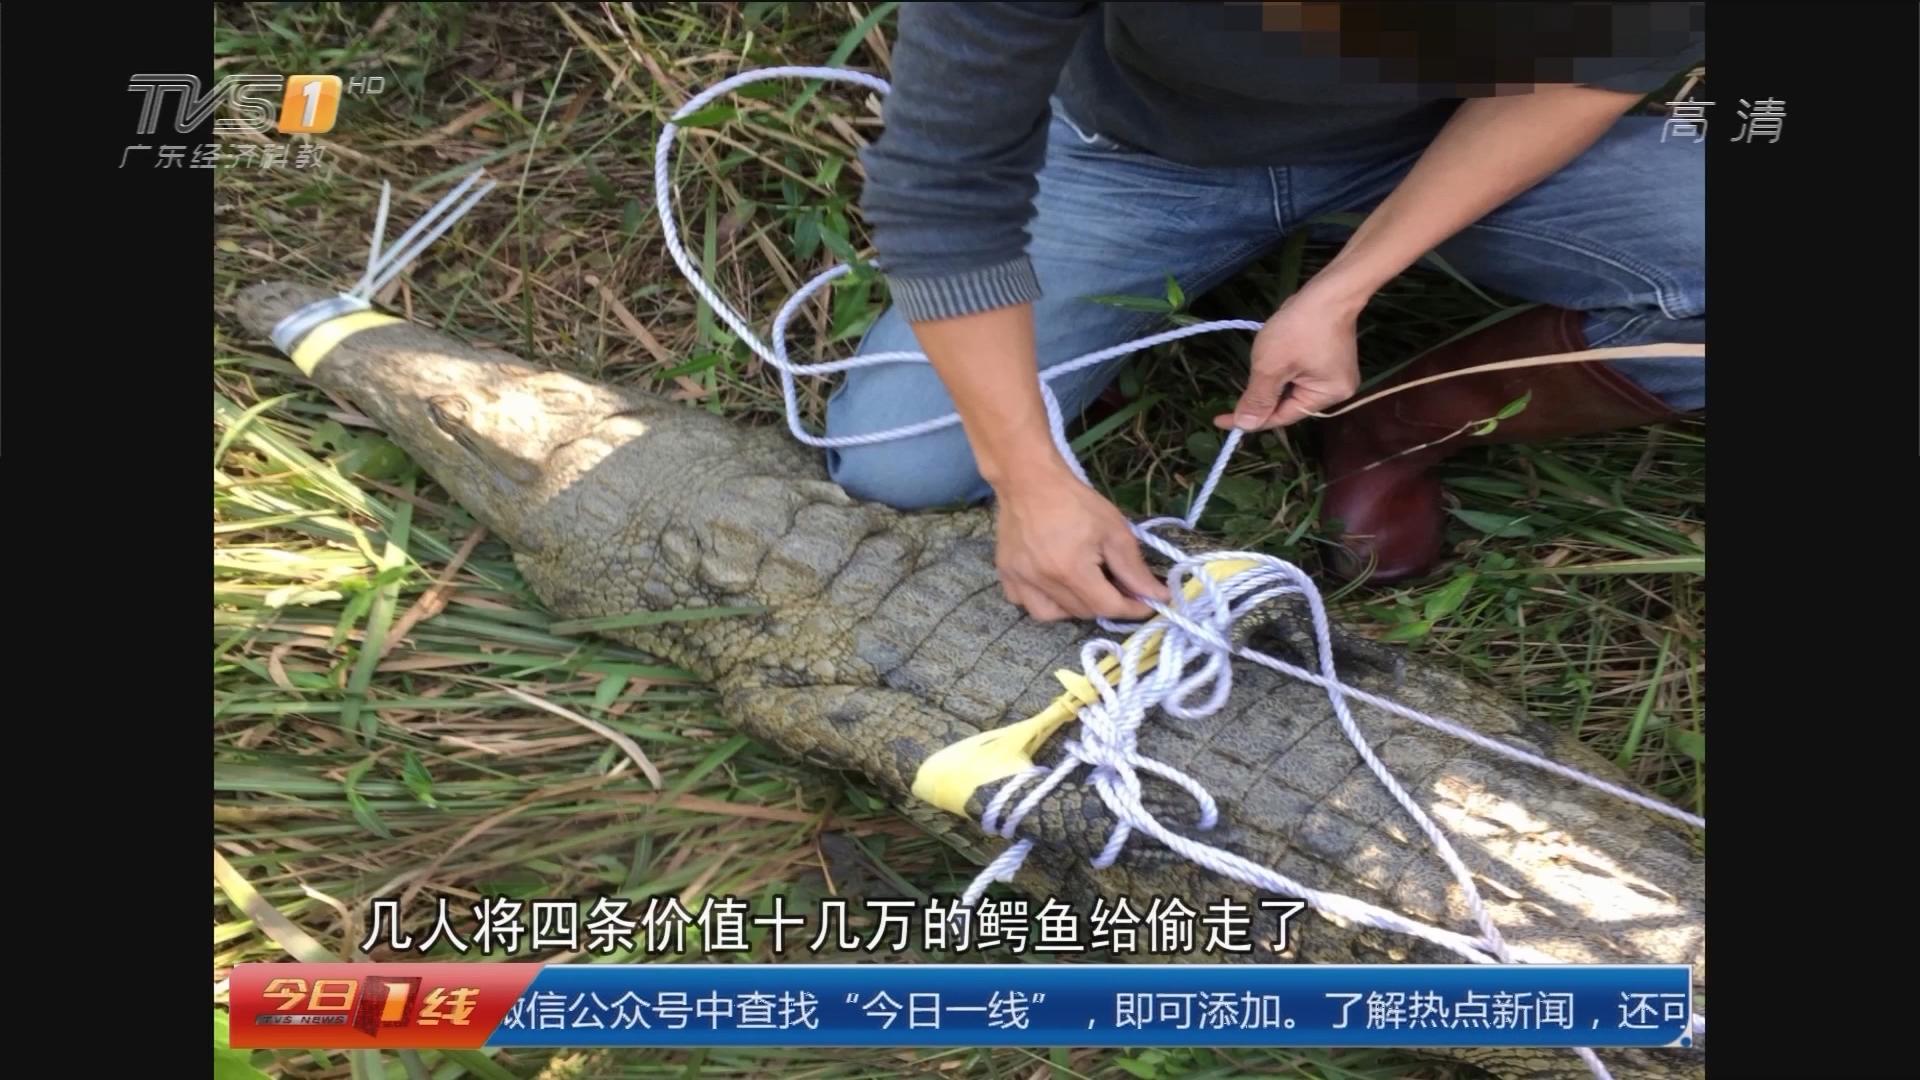 惠州龙门:高调晒贼赃 警方按图索骥一网打尽